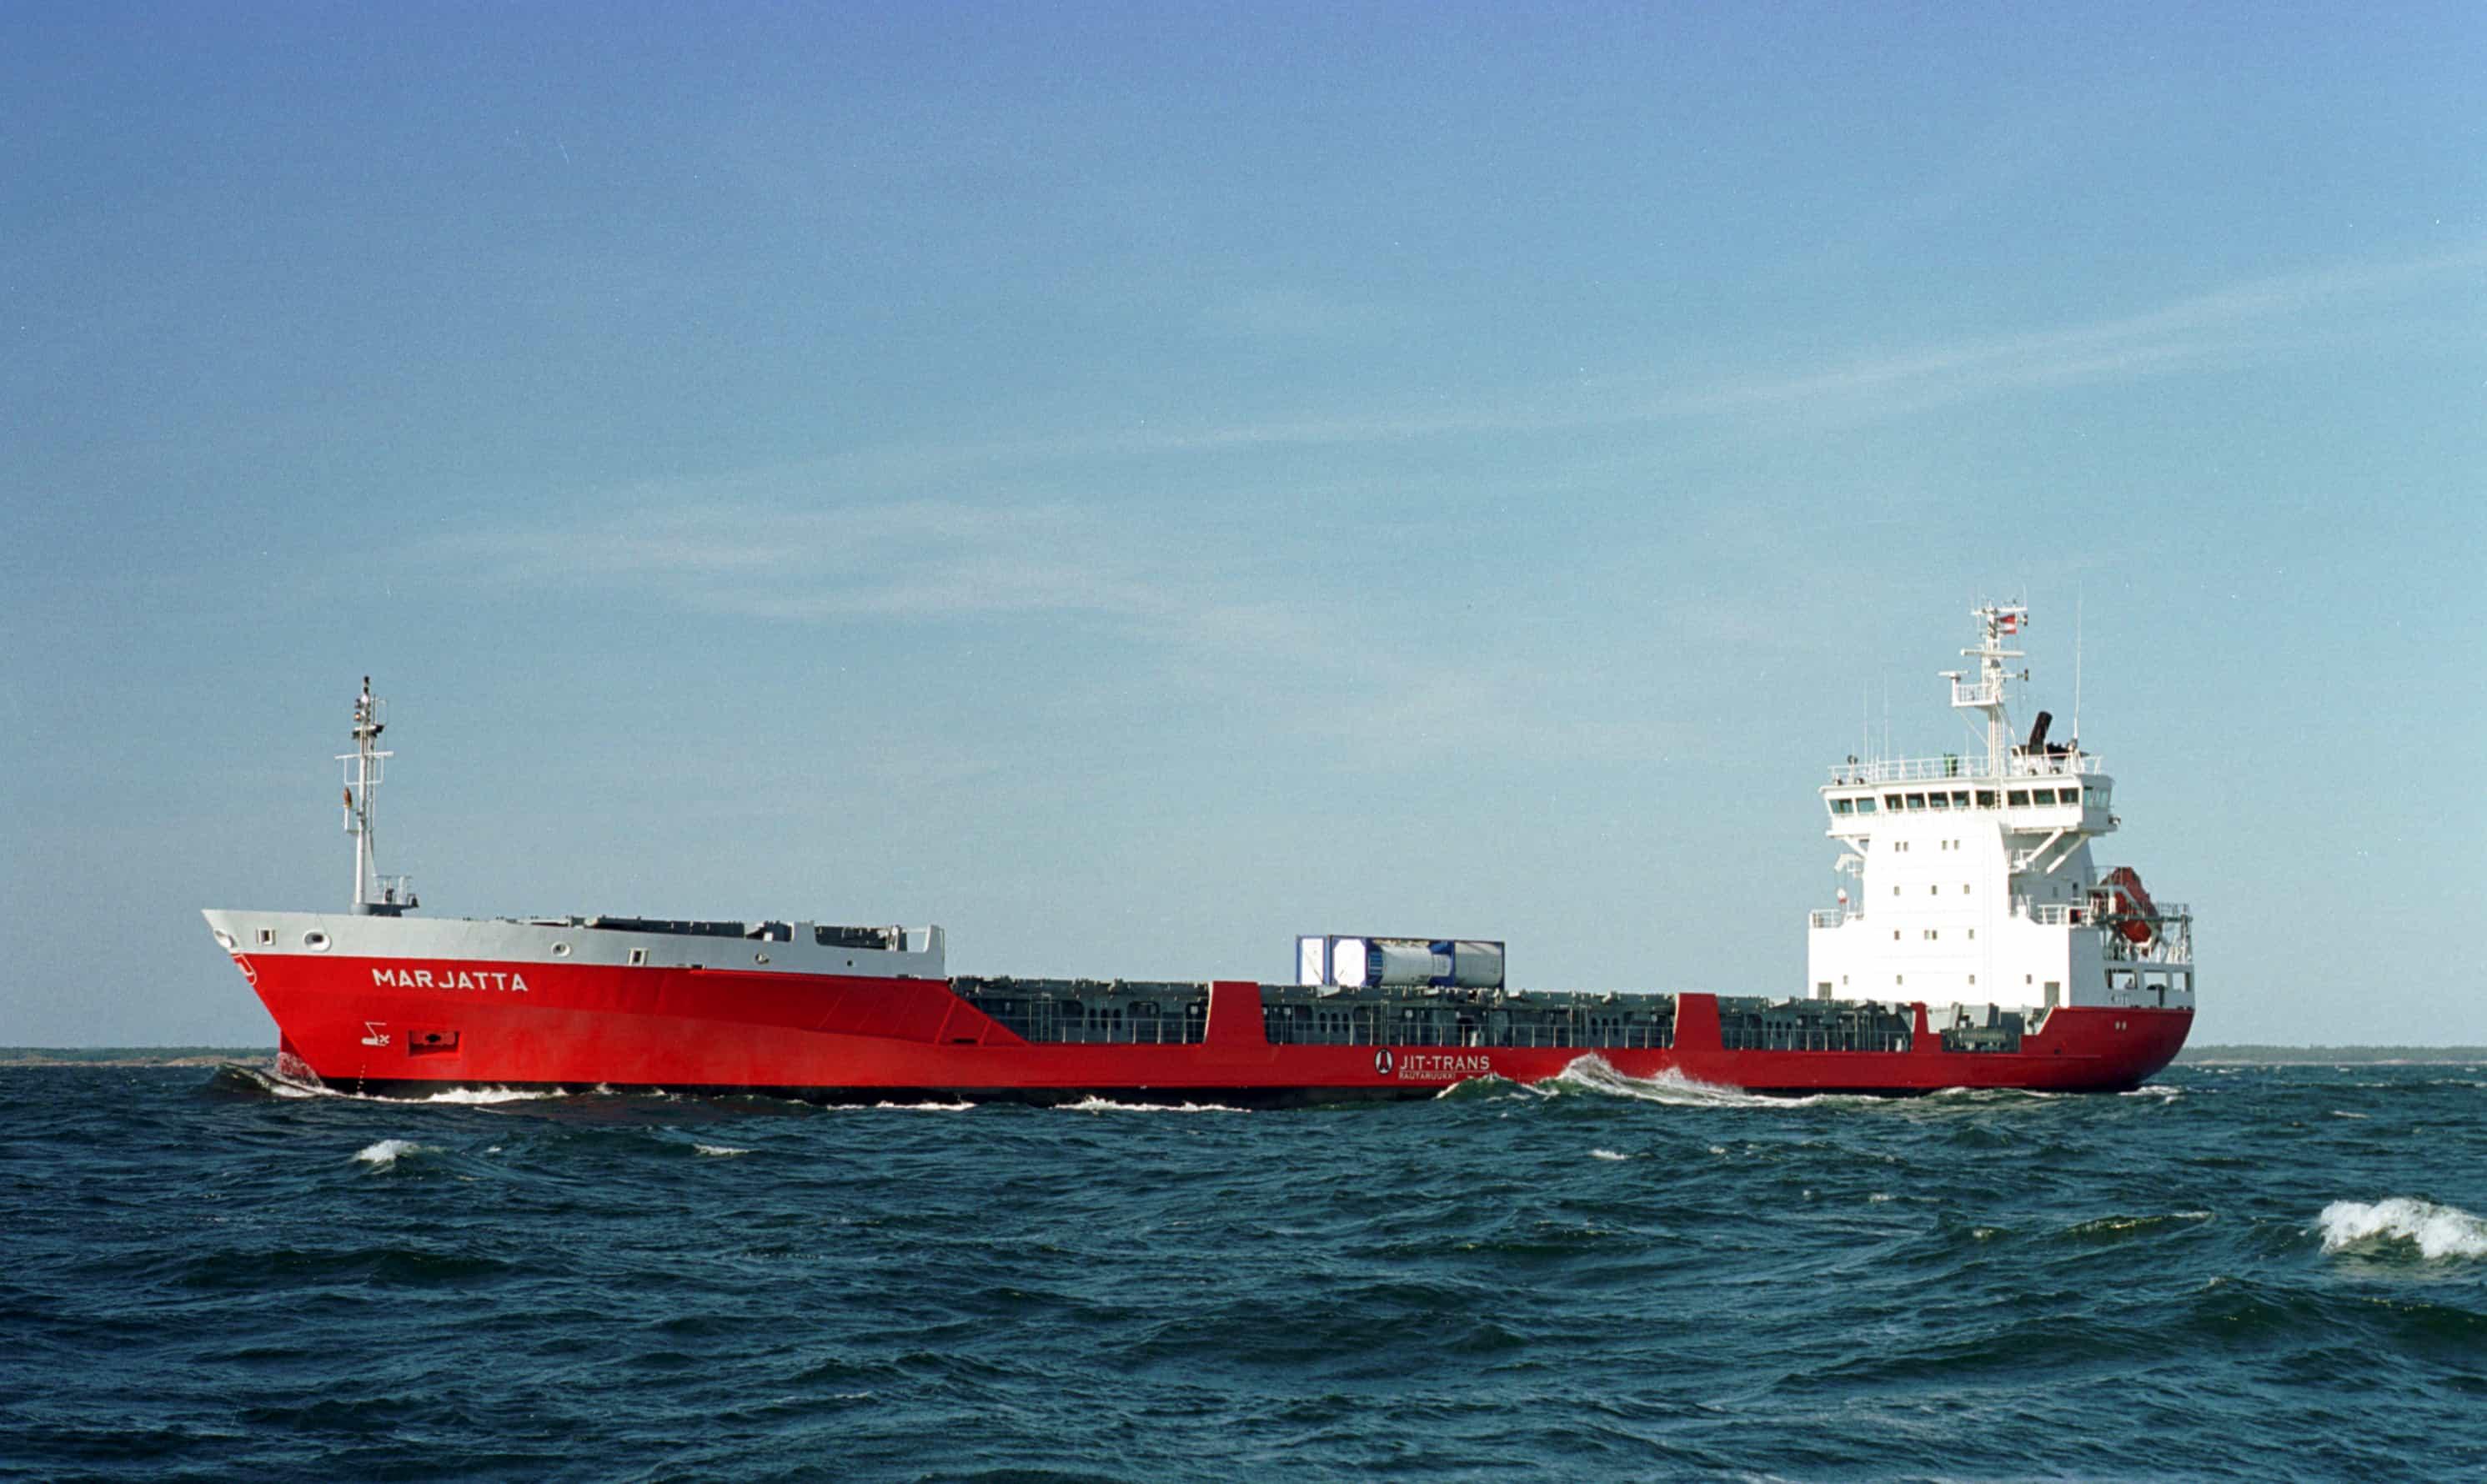 Langh Ship ms Marjatta